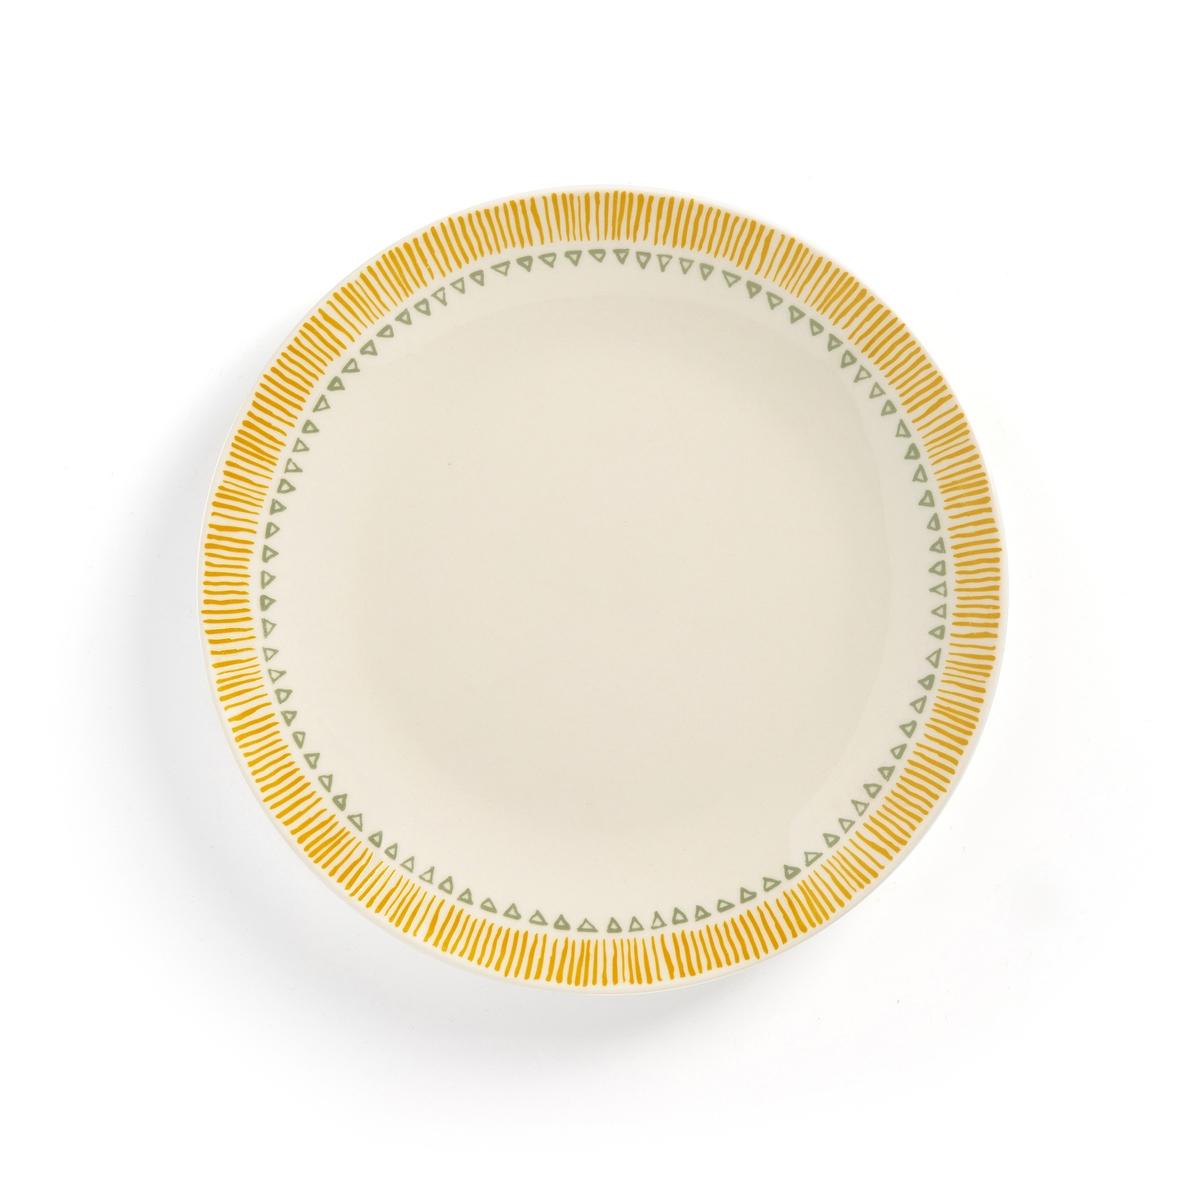 Комплект из десертных тарелок La Redoute IRUN единый размер другие